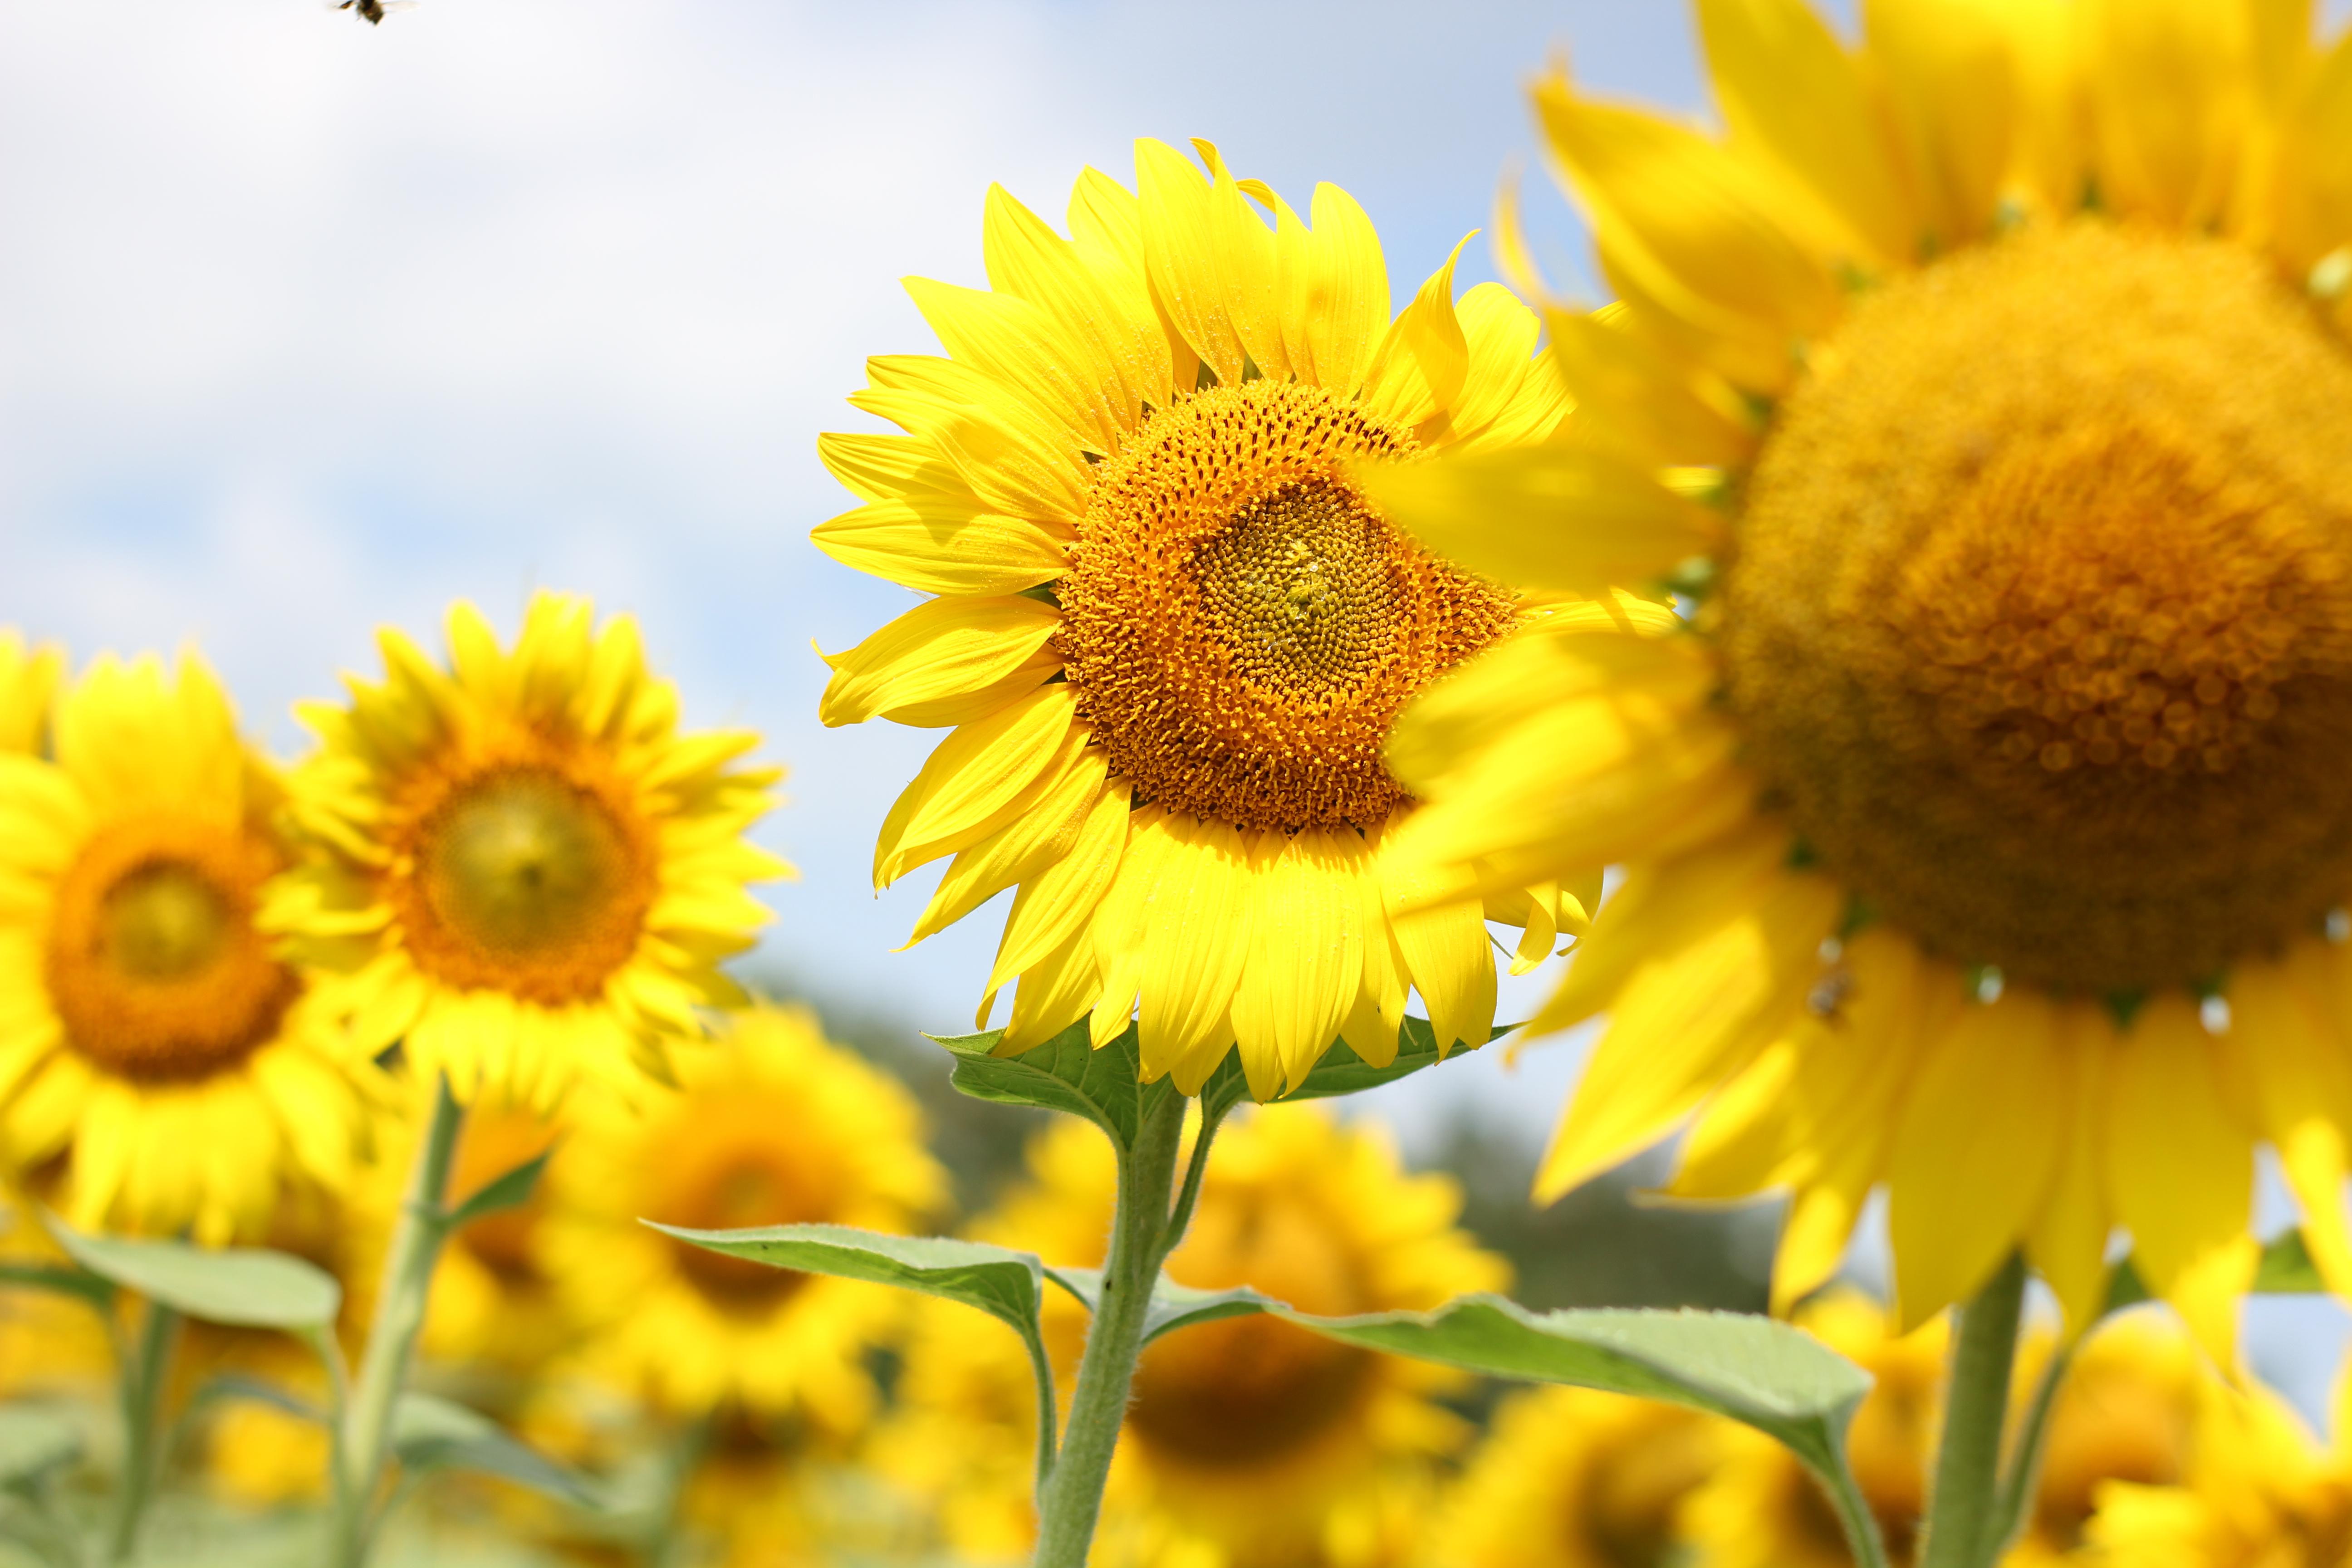 無料画像 ひまわりの畑 フローラ フィールド フラワーズ 農業